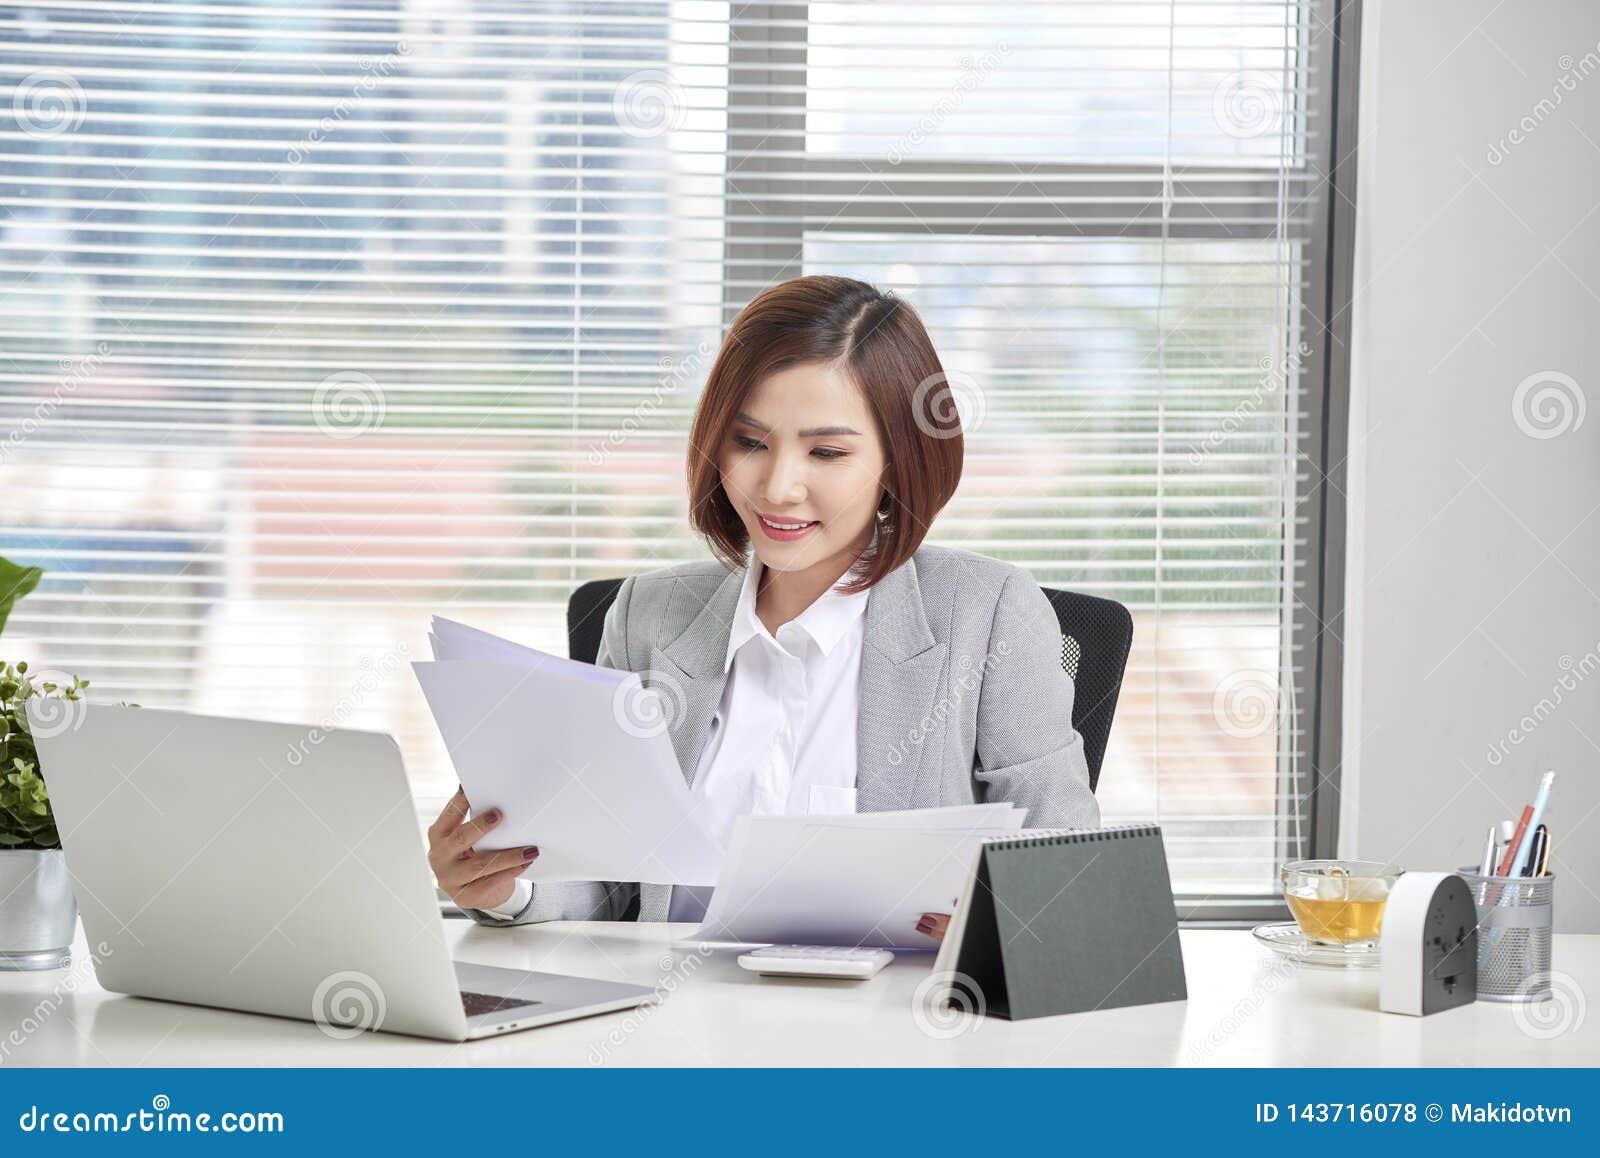 Ευτυχής ασιατική εργασία γυναικών στην αρχή Θηλυκό που περνά από κάποια γραφική εργασία στο χώρο εργασίας